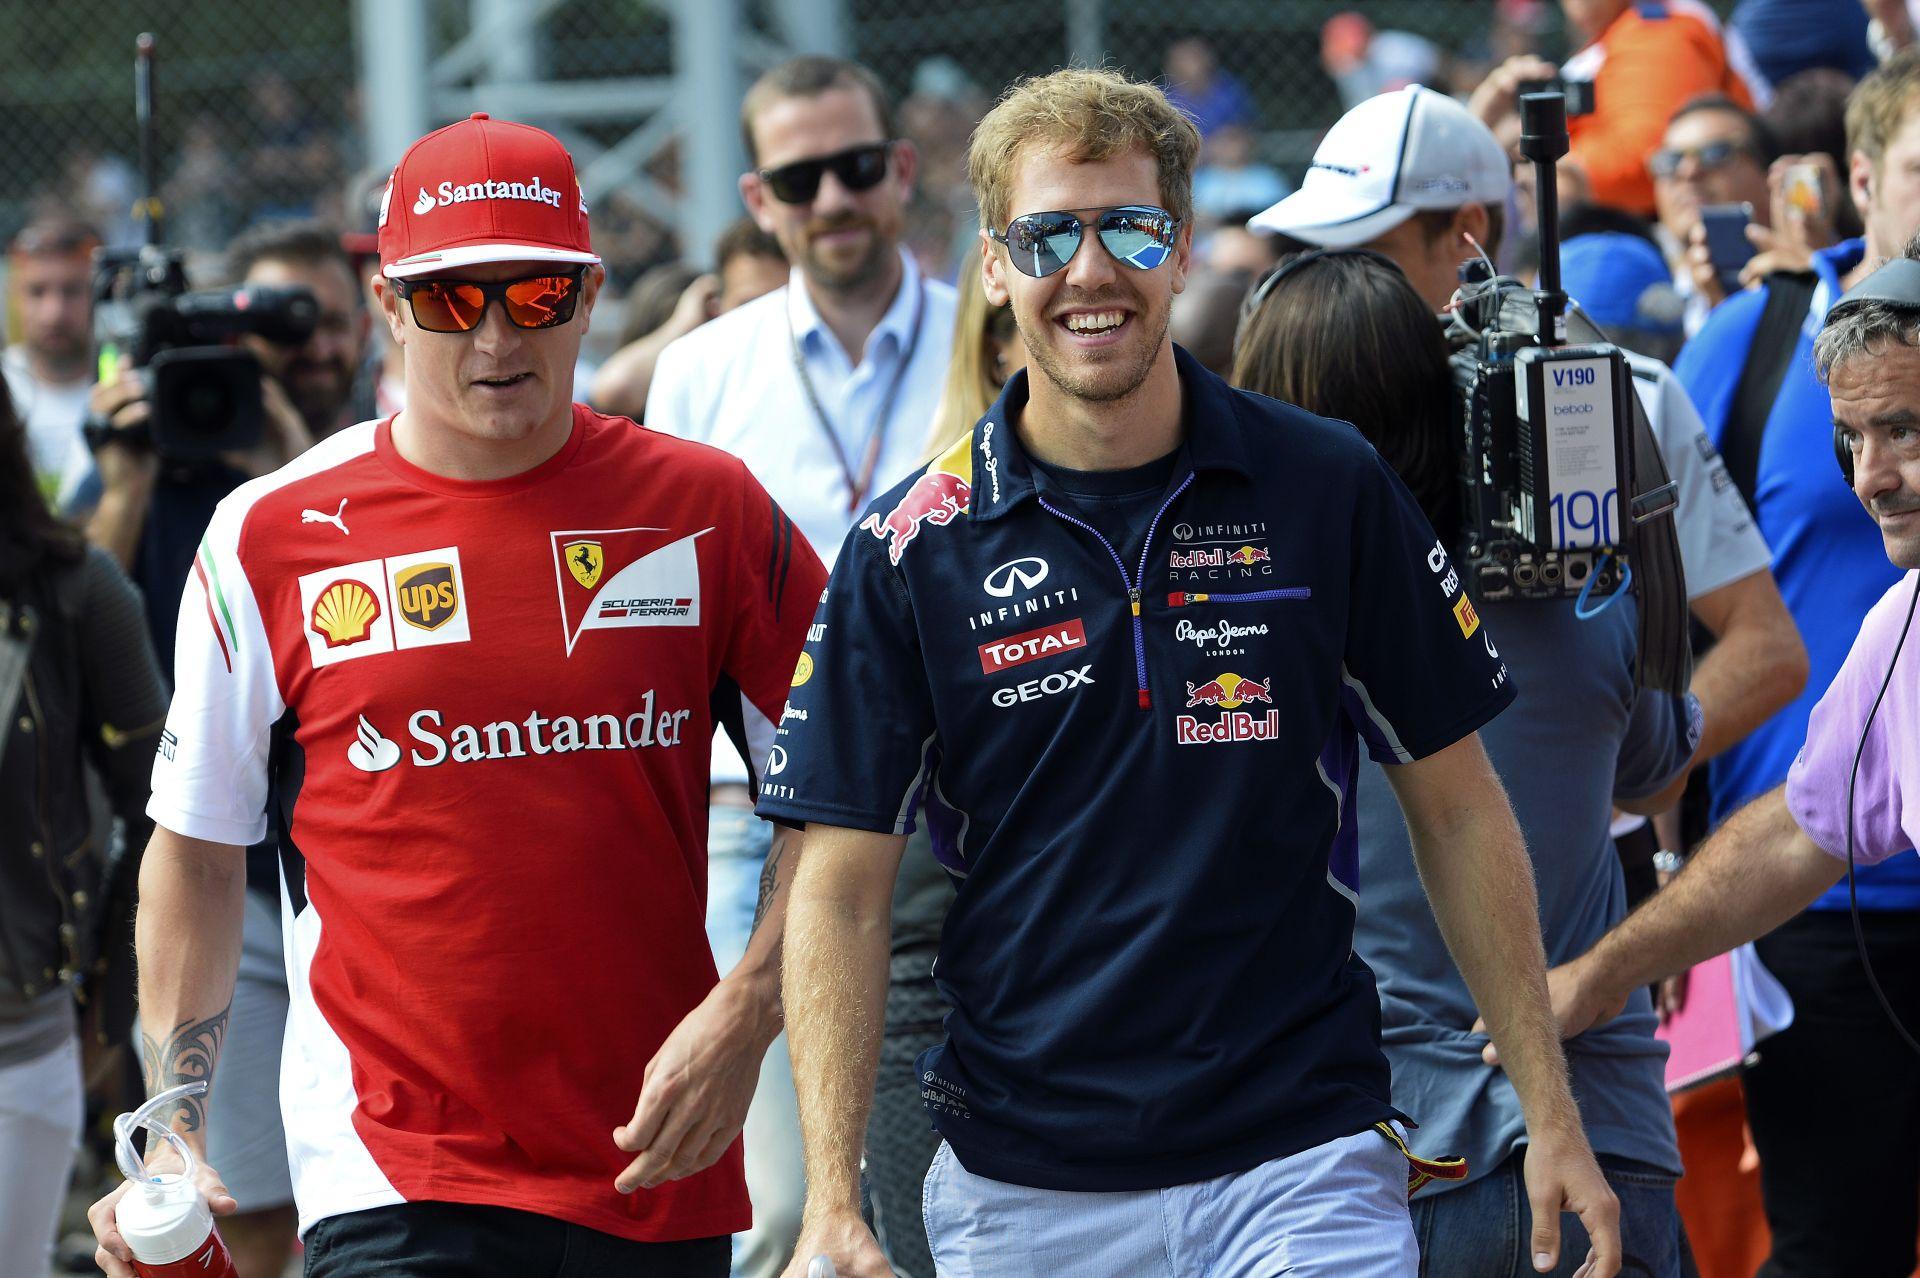 Vettel: Frusztráló ez az egész, mert azért vagyok itt, hogy nyerjek. és nem másért